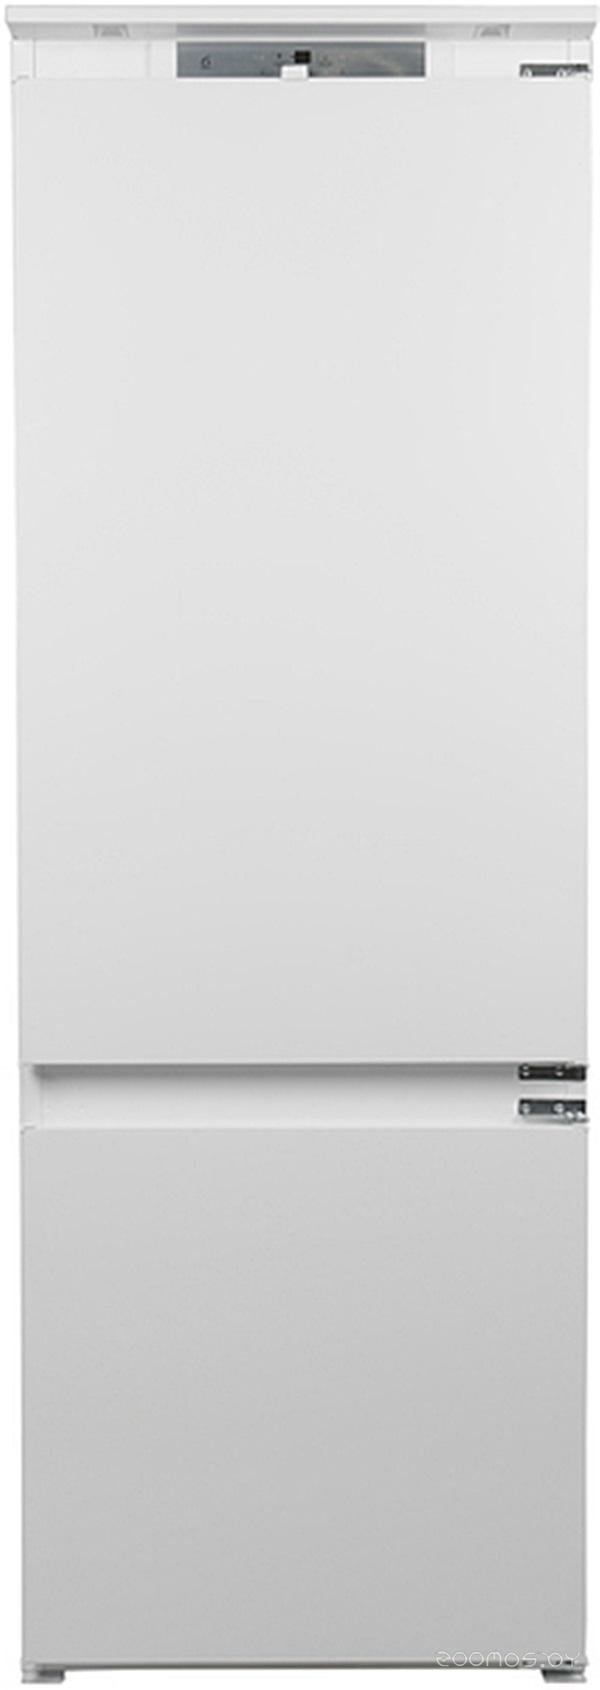 Холодильник с нижней морозильной камерой Whirlpool ART 9810/A+